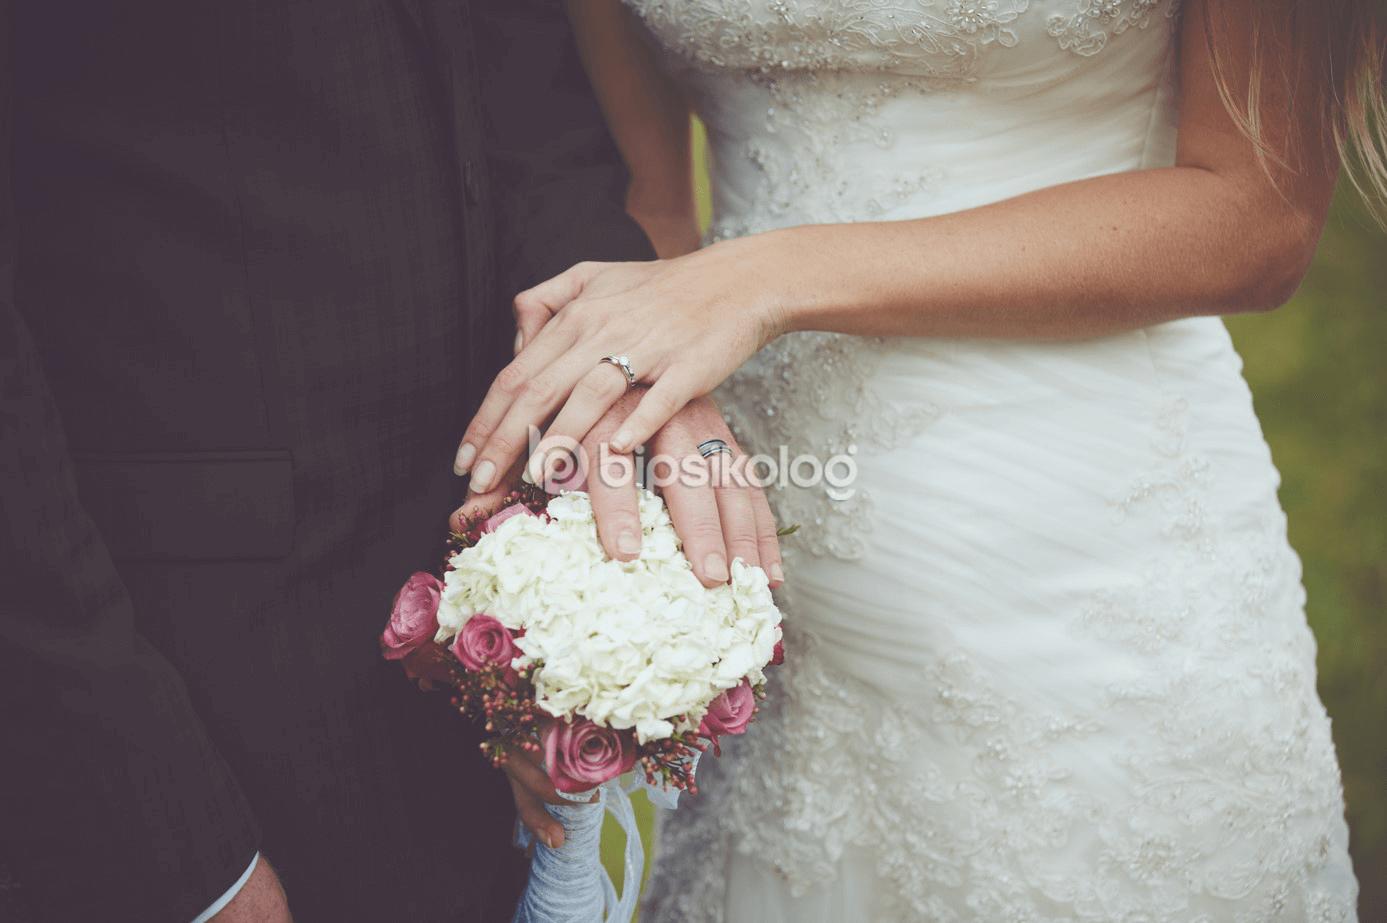 Kişilik Bozukluklarının Evliliğe Etkisi